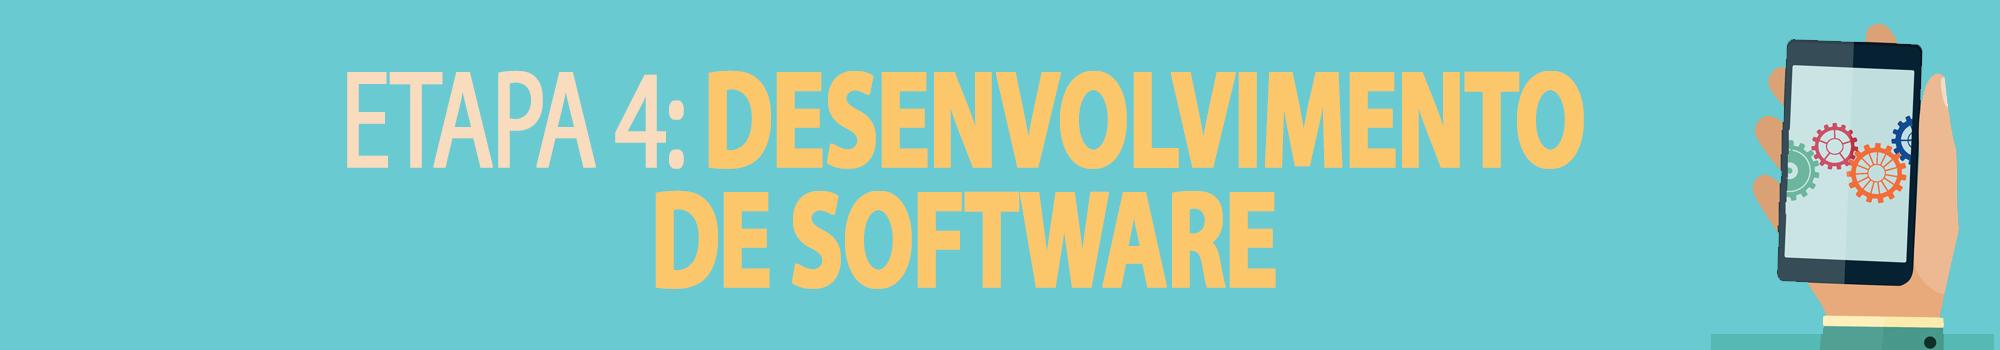 Como criar um aplicativo: a quarta etapa do desenvolvimento do seu aplicativo envolve desenvolver o software.